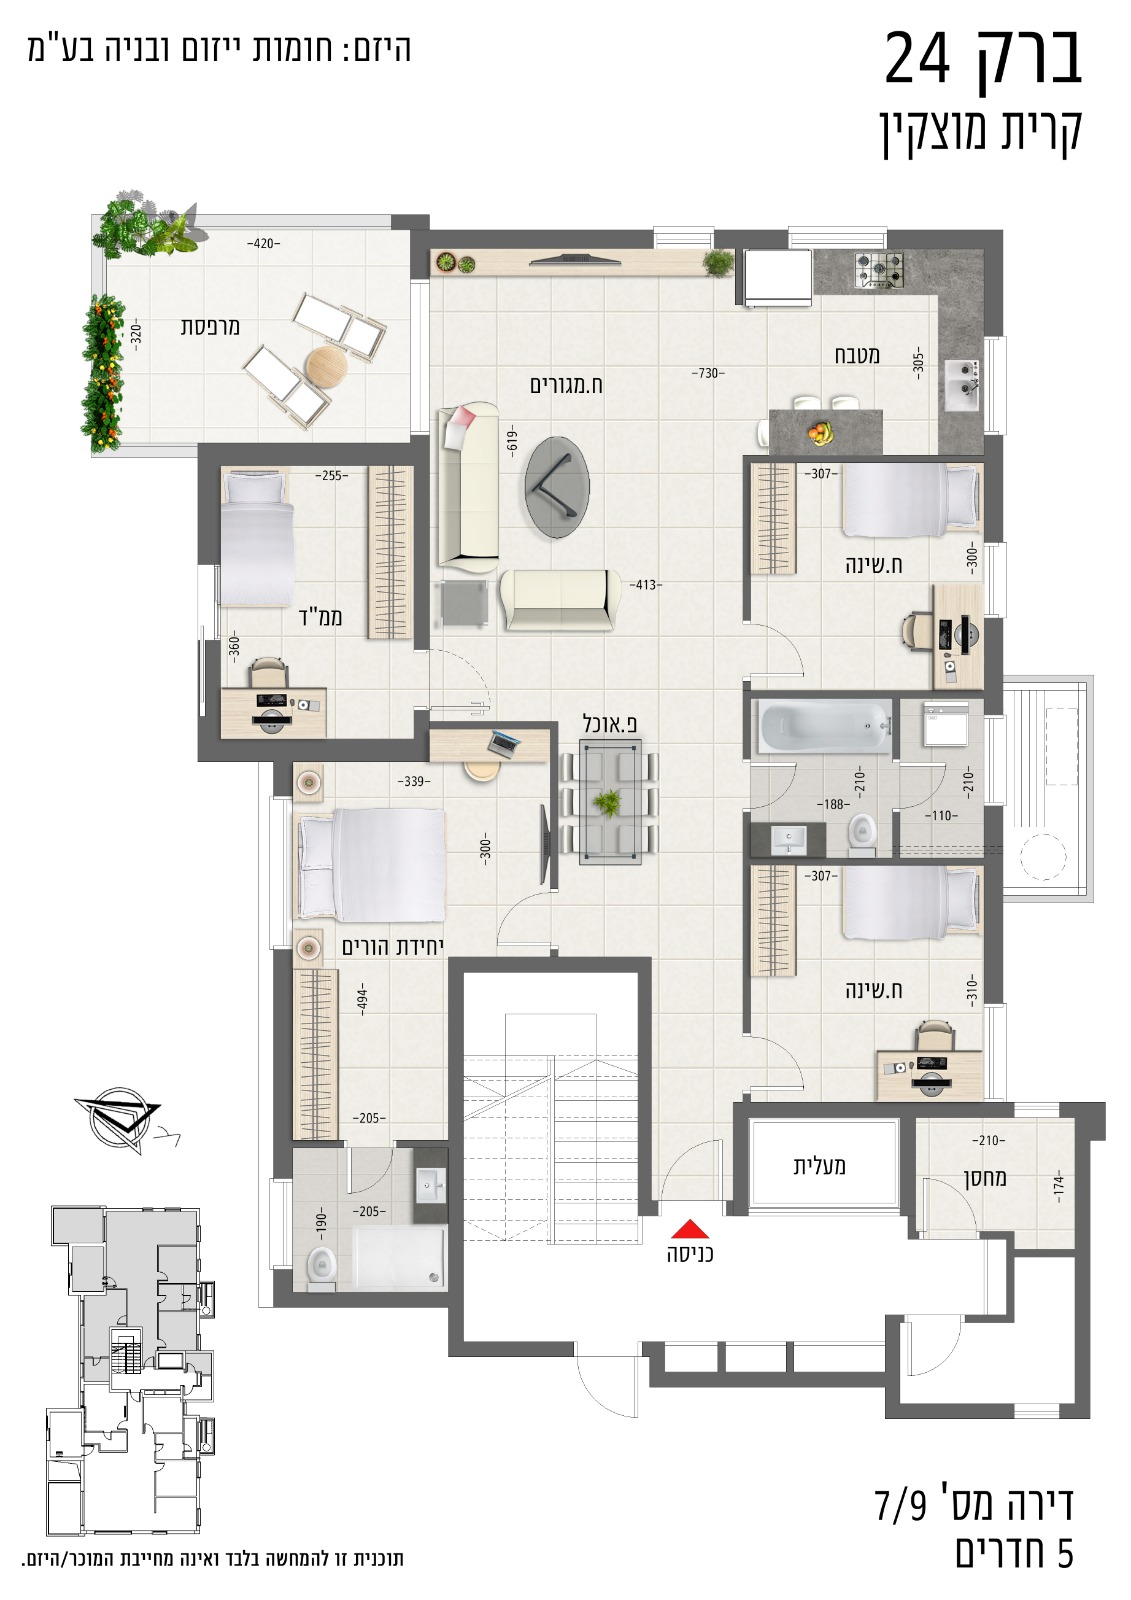 פרוייקט חדש! קרית מוצקין רחוב ברק דירת 5 חדרים